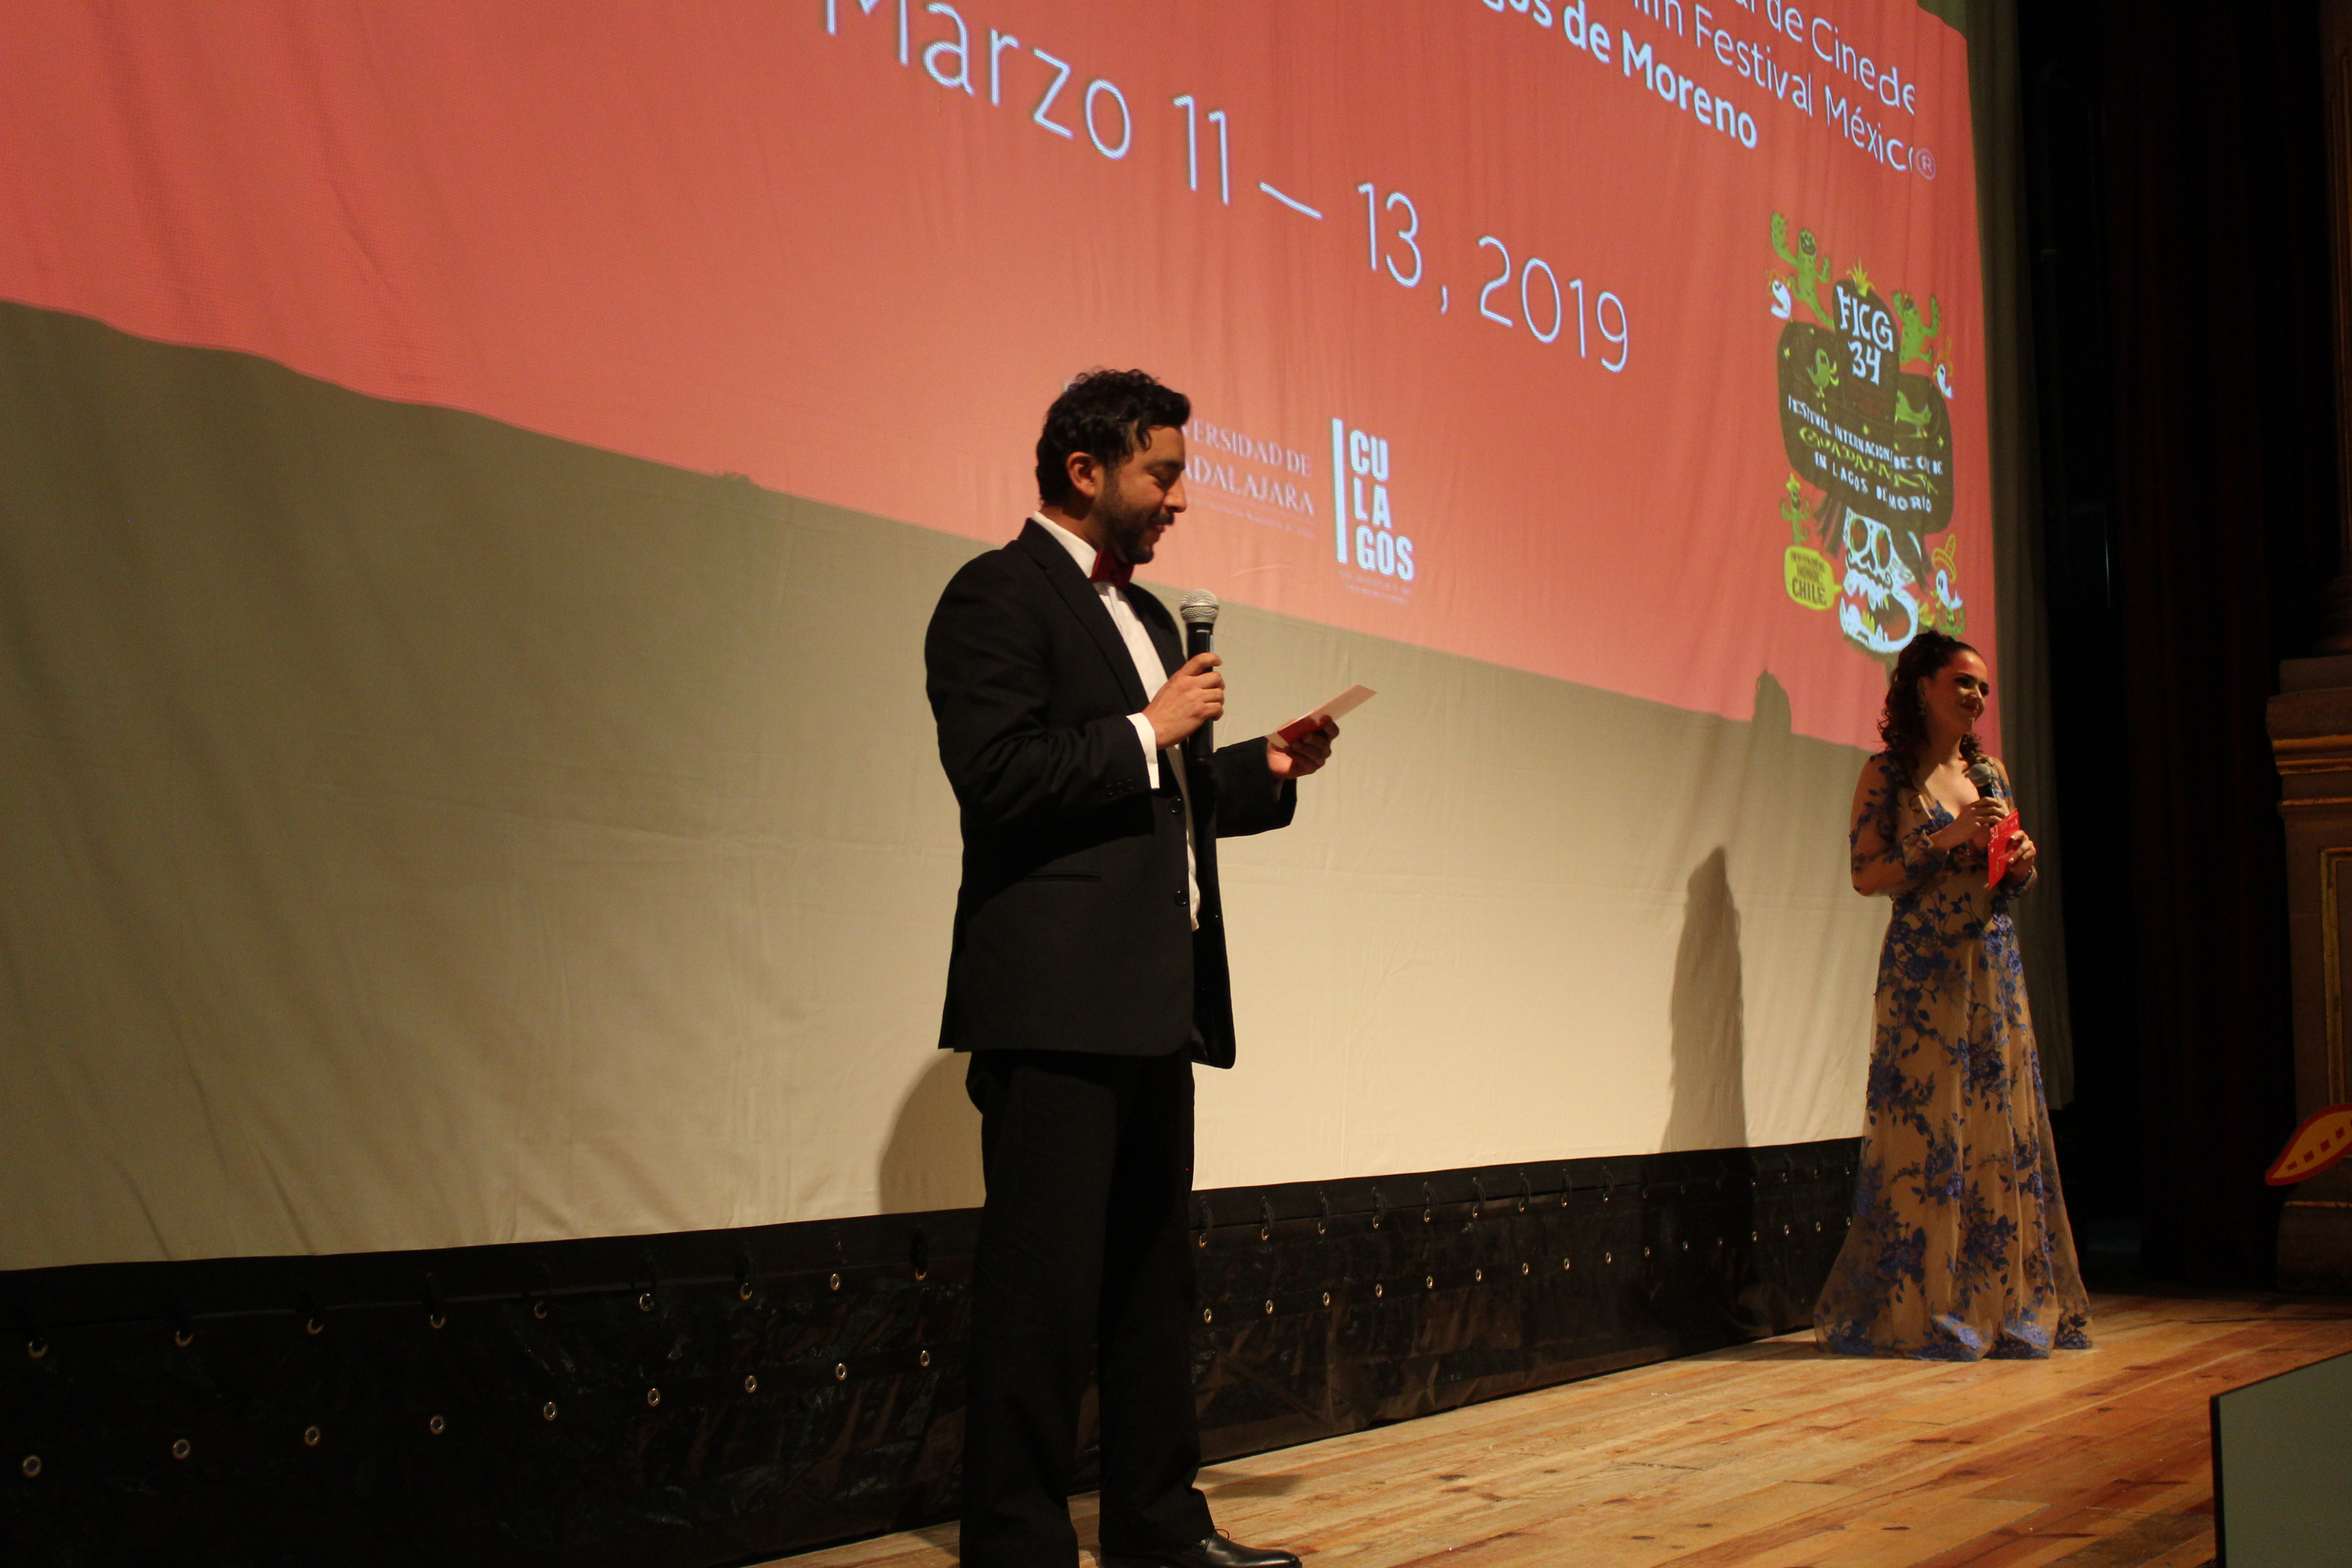 Olaf Balam y Helena Díaz en el escenario del teatro, dando la bienvenida al festival